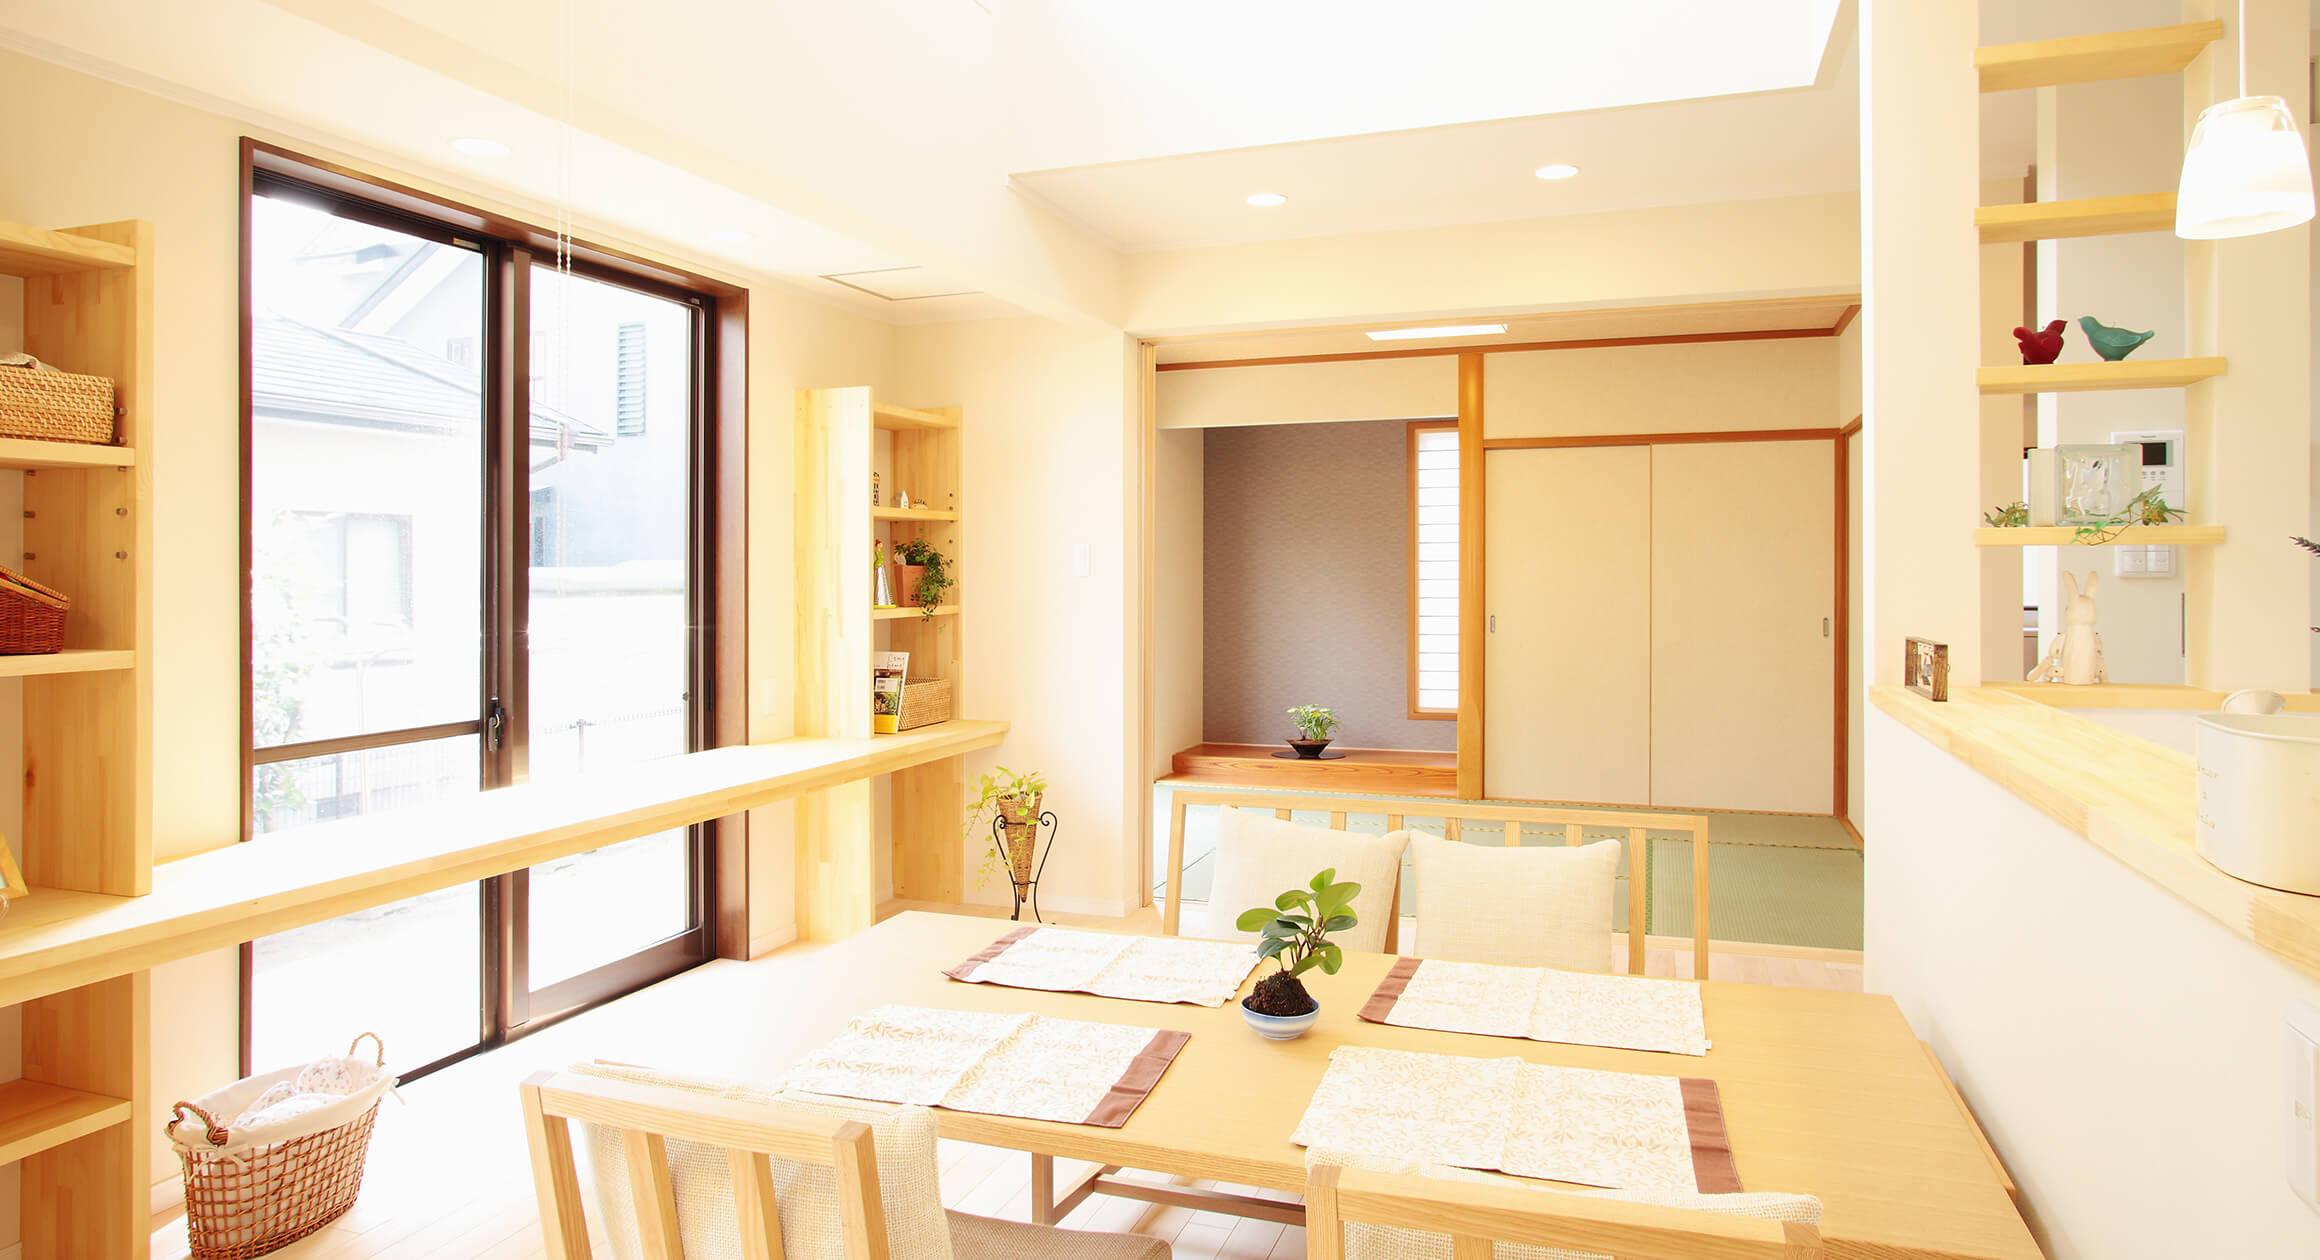 三友工務店のリフォーム・リノベーション事例 熊本市T様邸